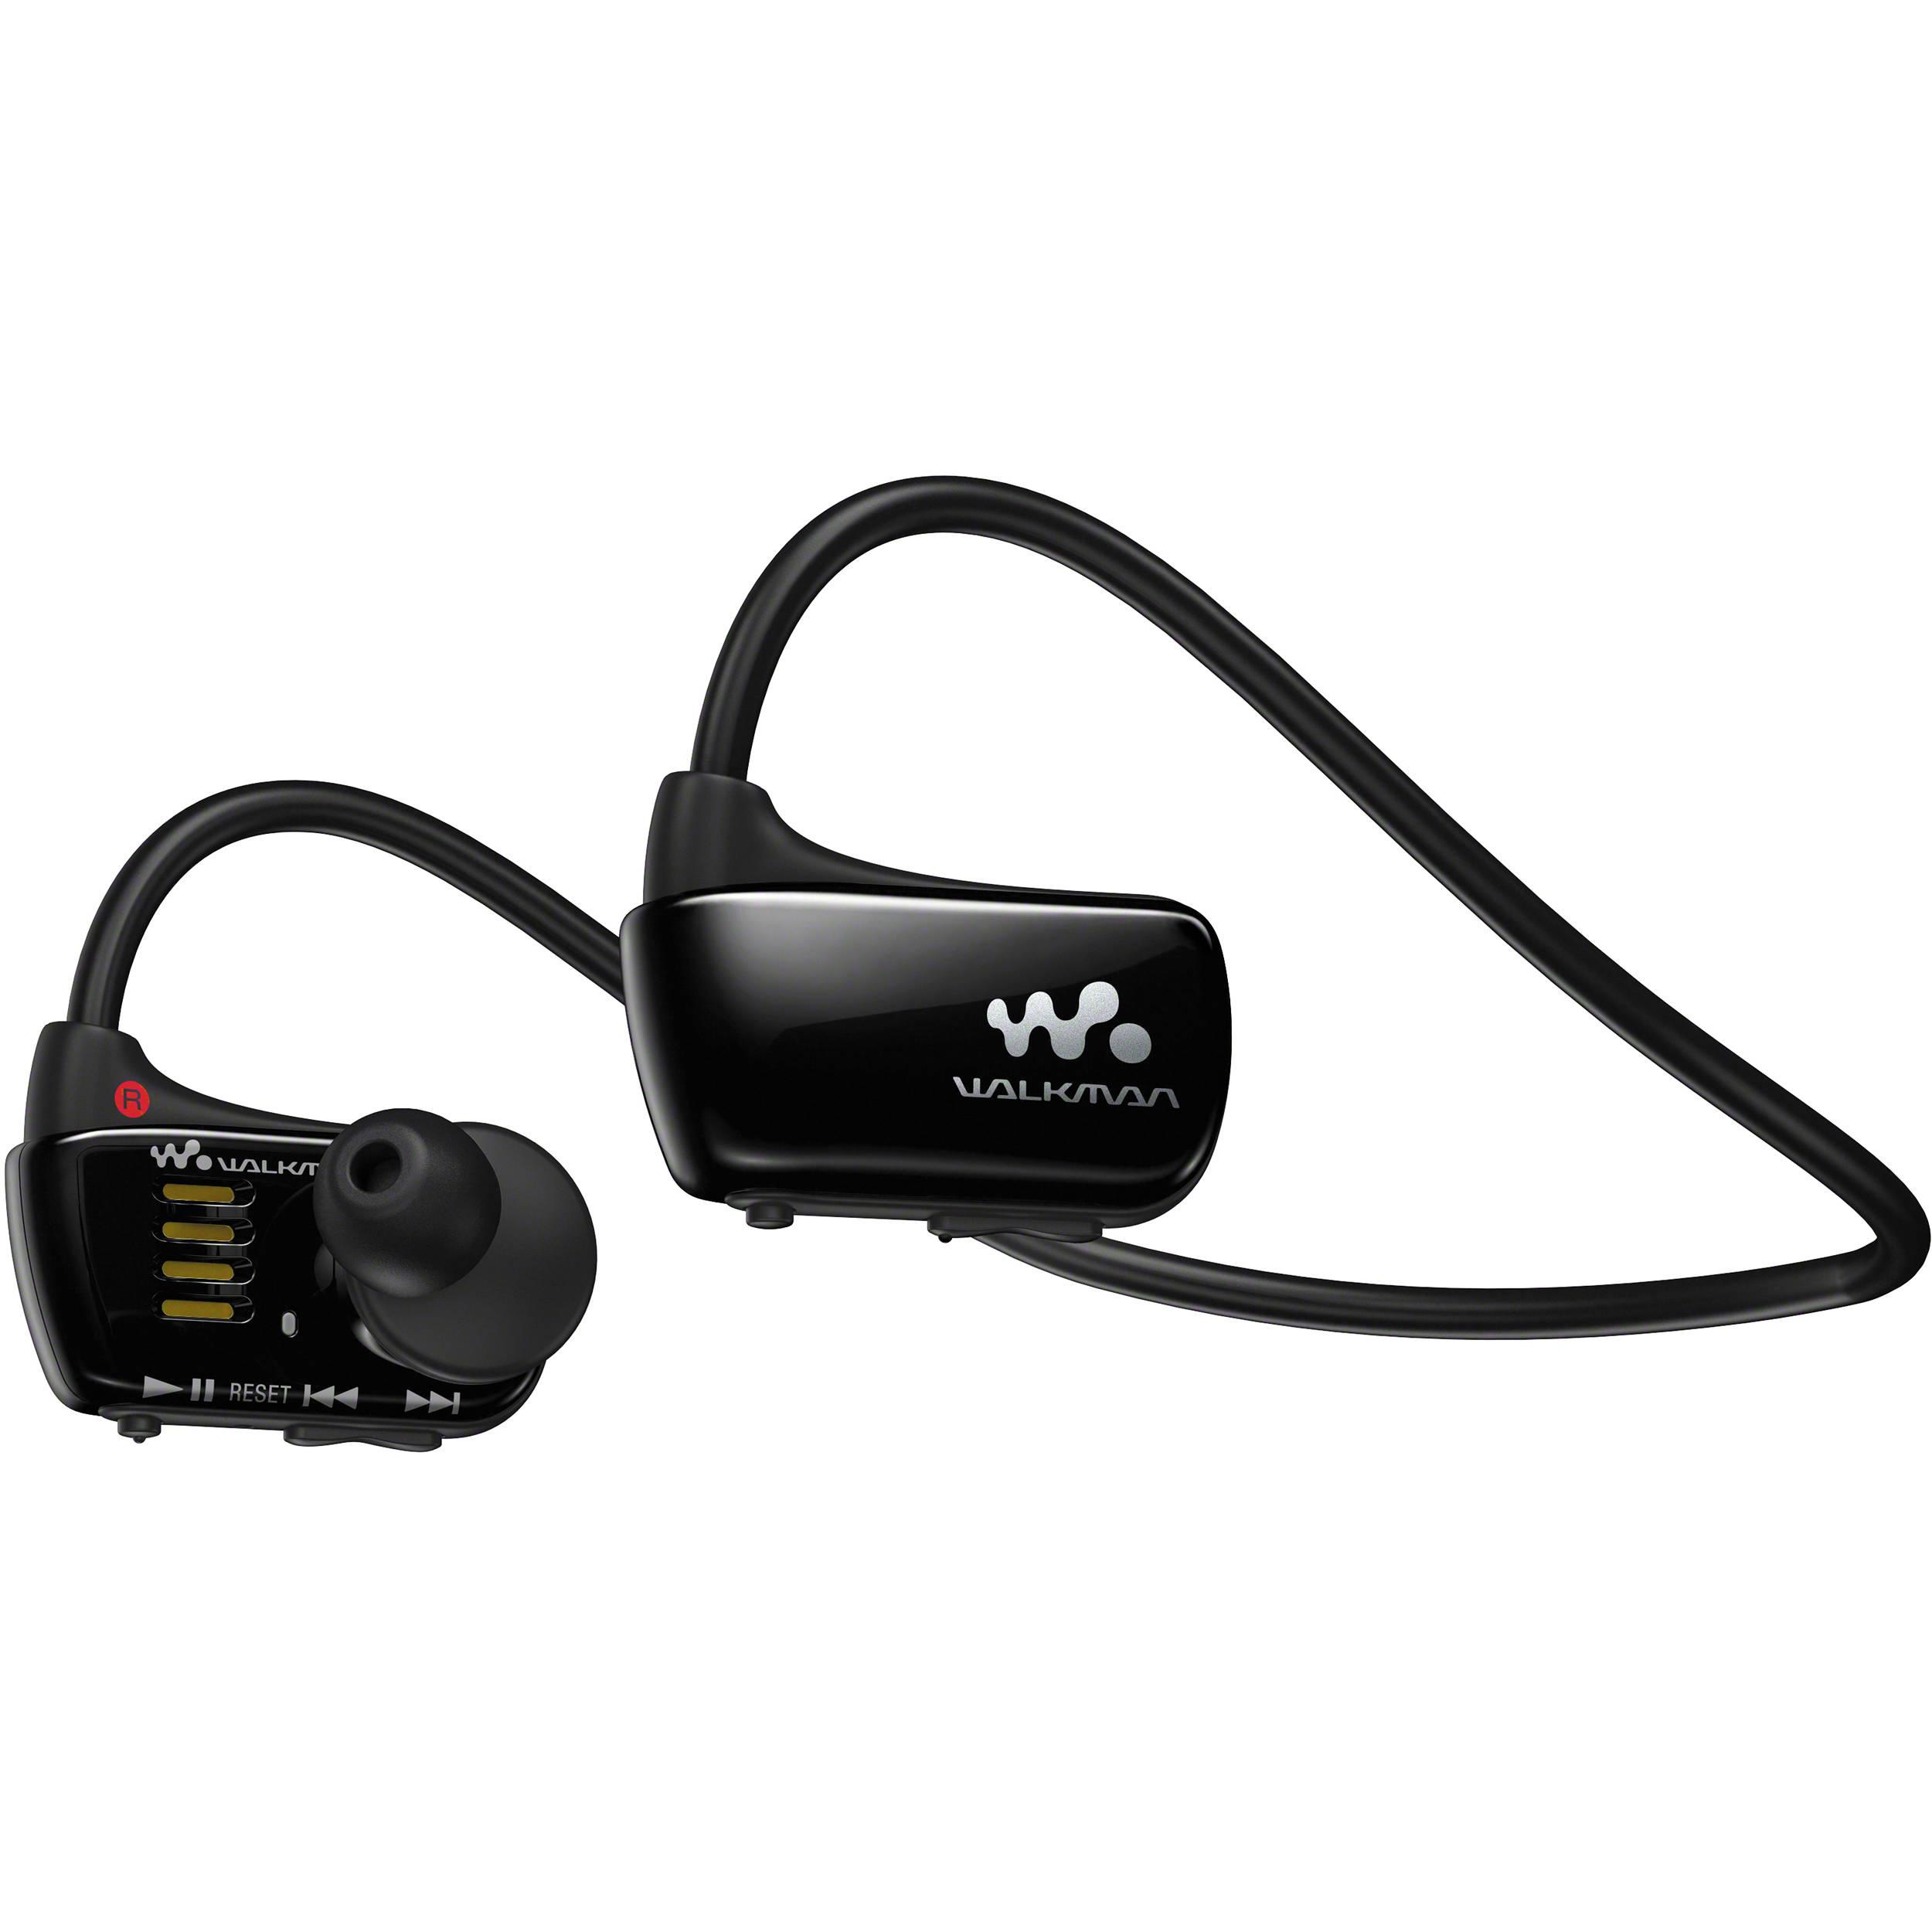 sony 4gb w series walkman sports mp3 player black nwzw273sblk rh bhphotovideo com sony walkman 4gb mp3 player user manual sony walkman sports mp3 player user guide